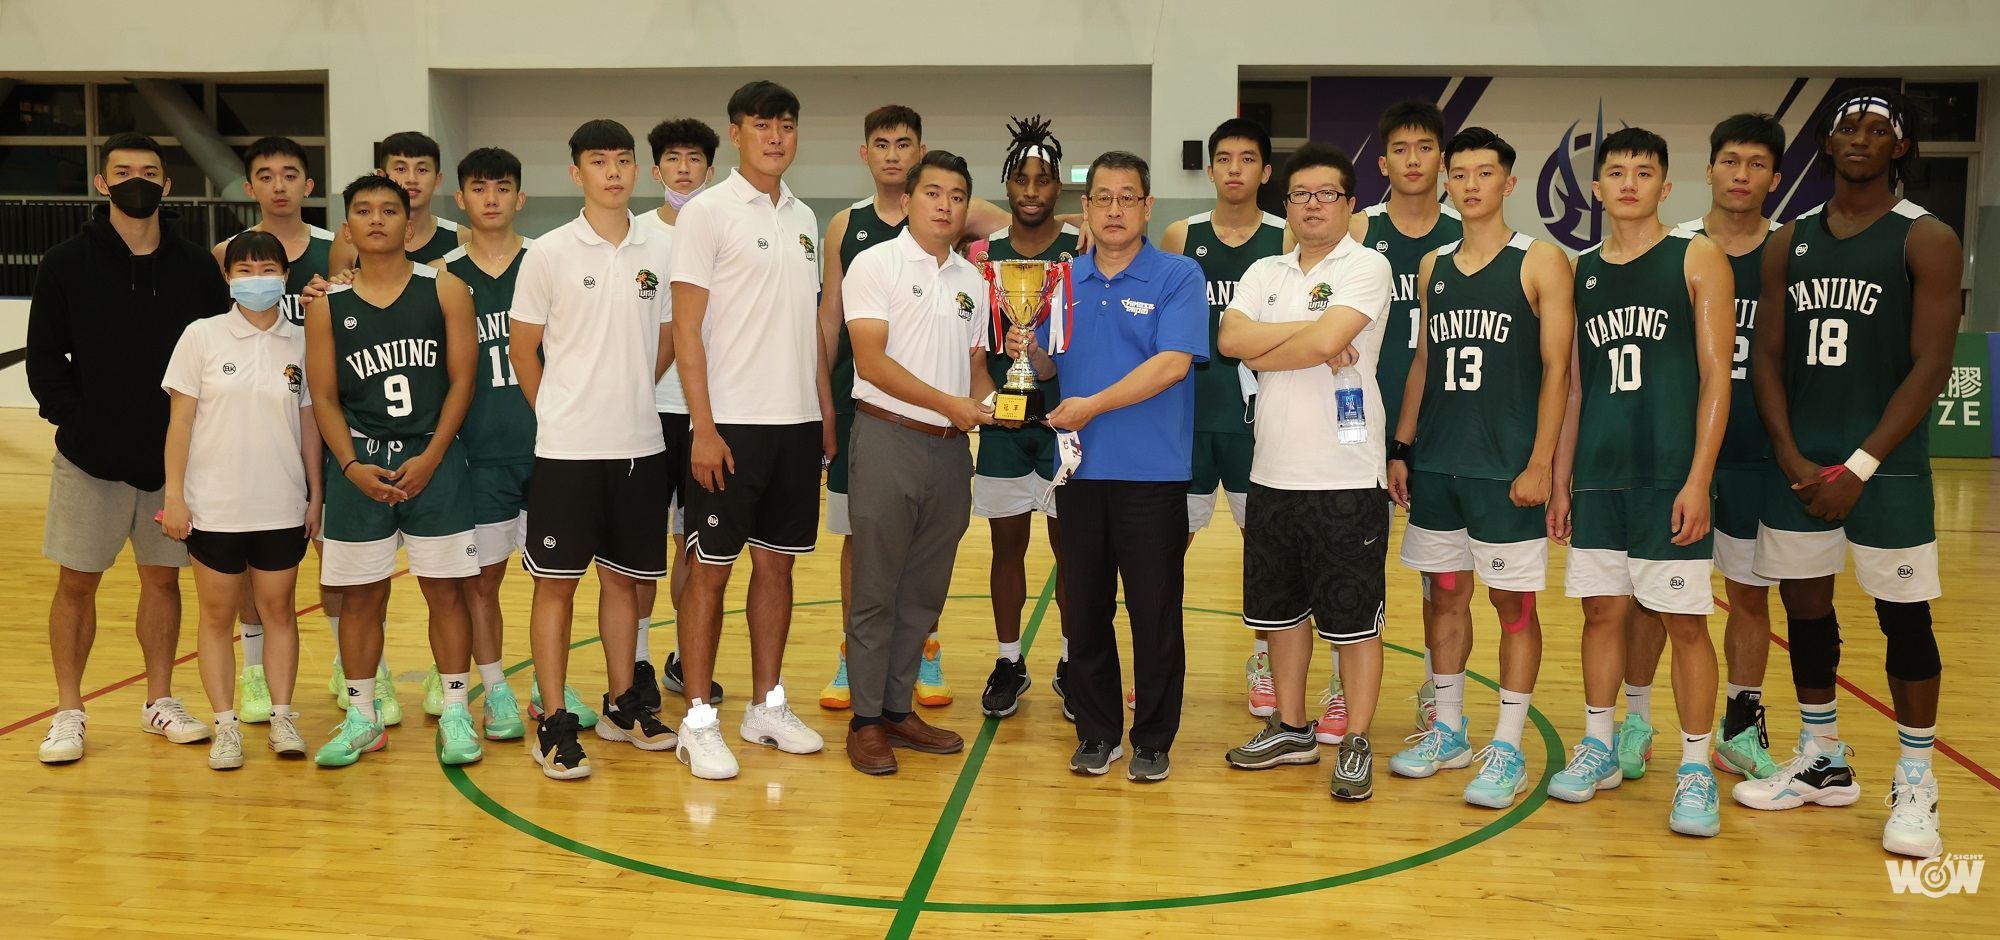 《籃球》MOLTEN盃社籃賽 男子組凱邦工程稱王 女子組台電封后